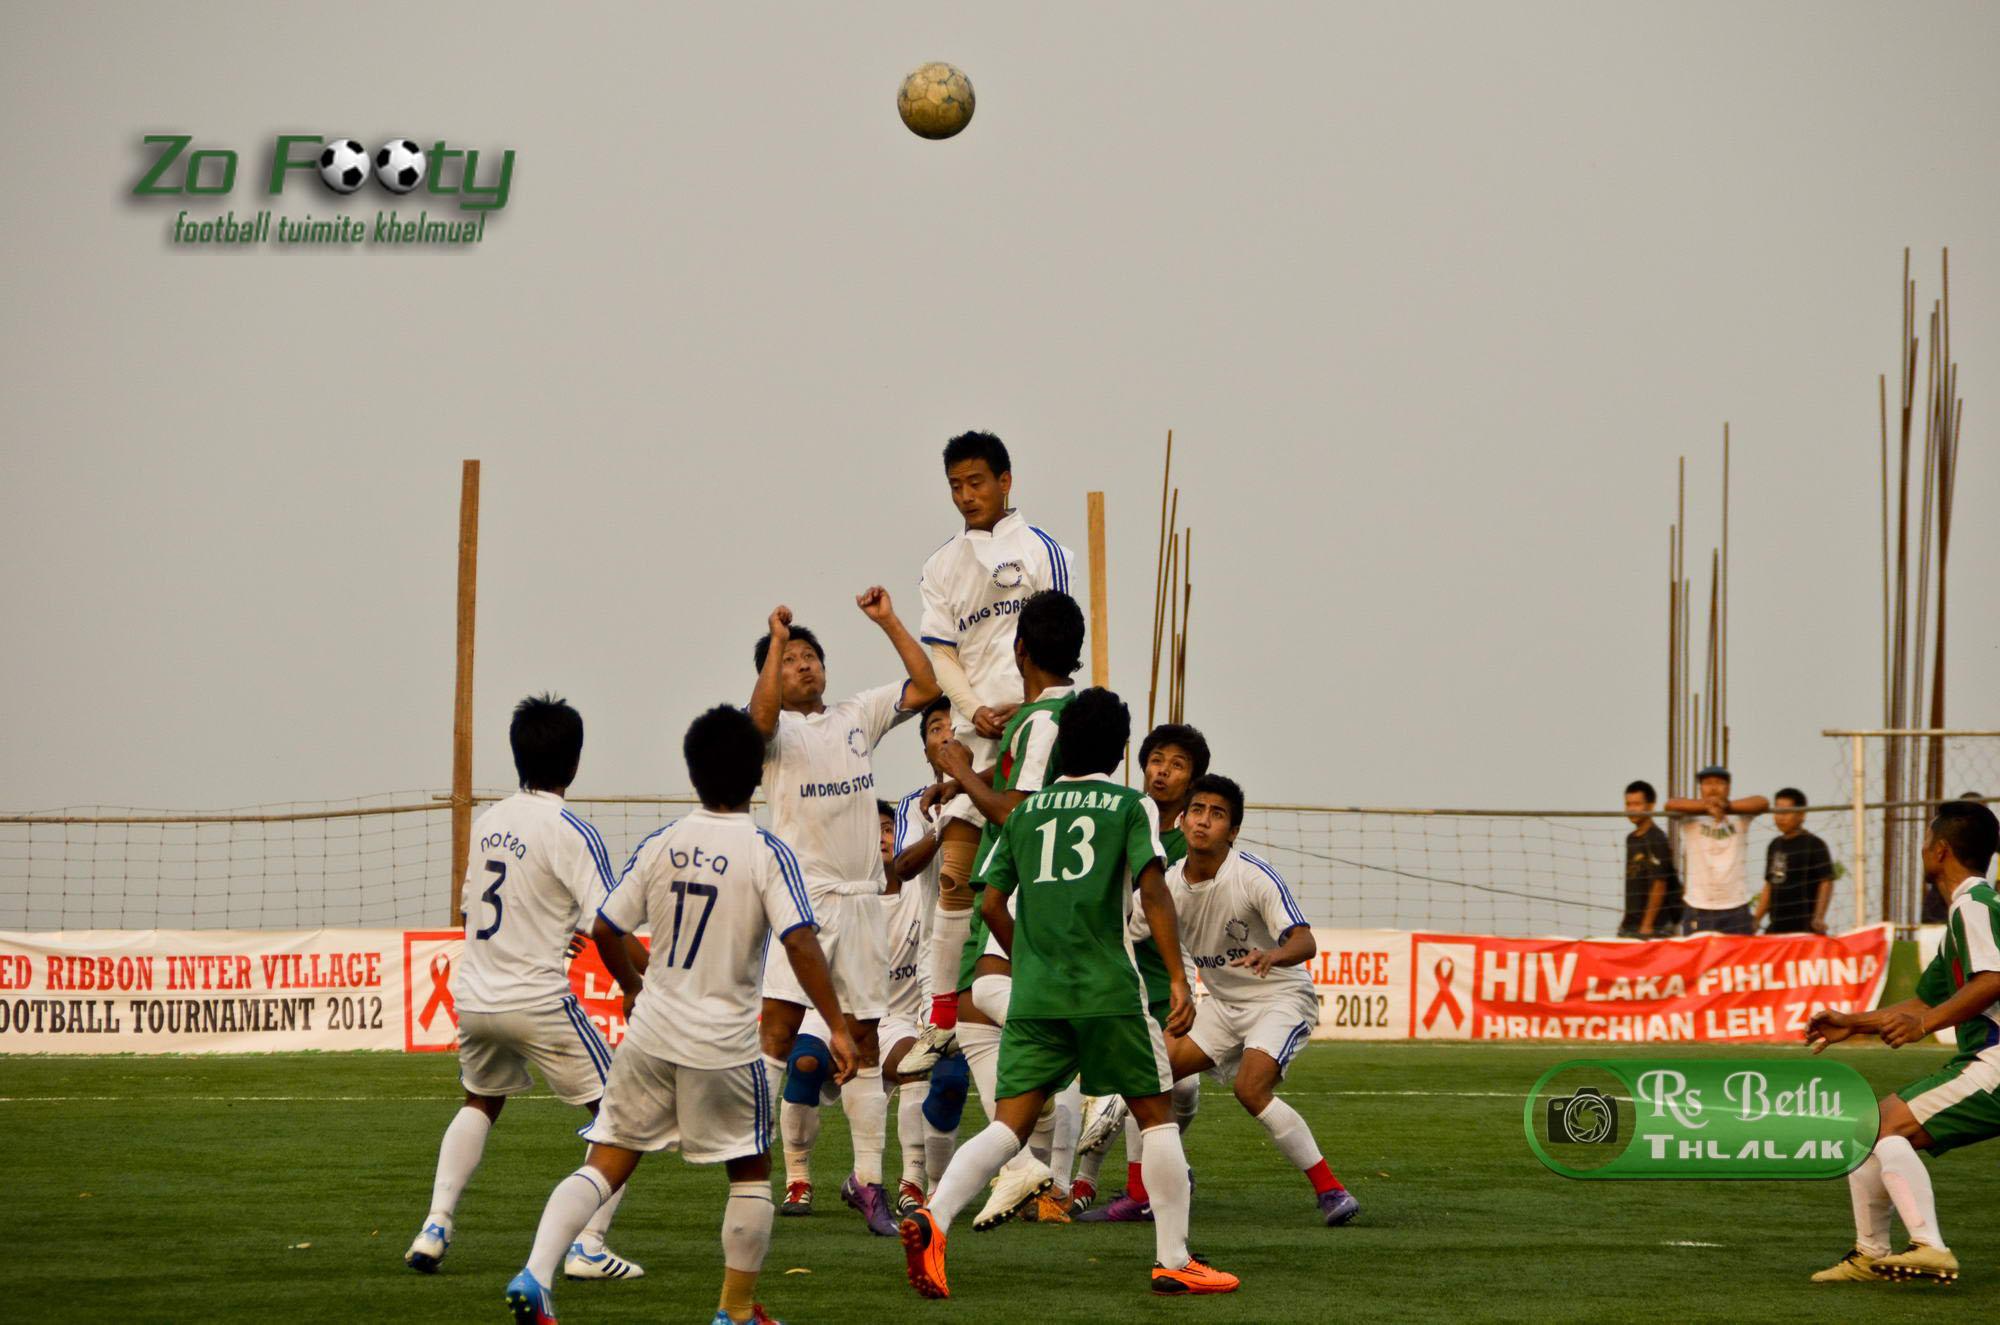 Reb Ribbon Semi Final Tuidam vs Durtlang 2nd Leg In Pictures